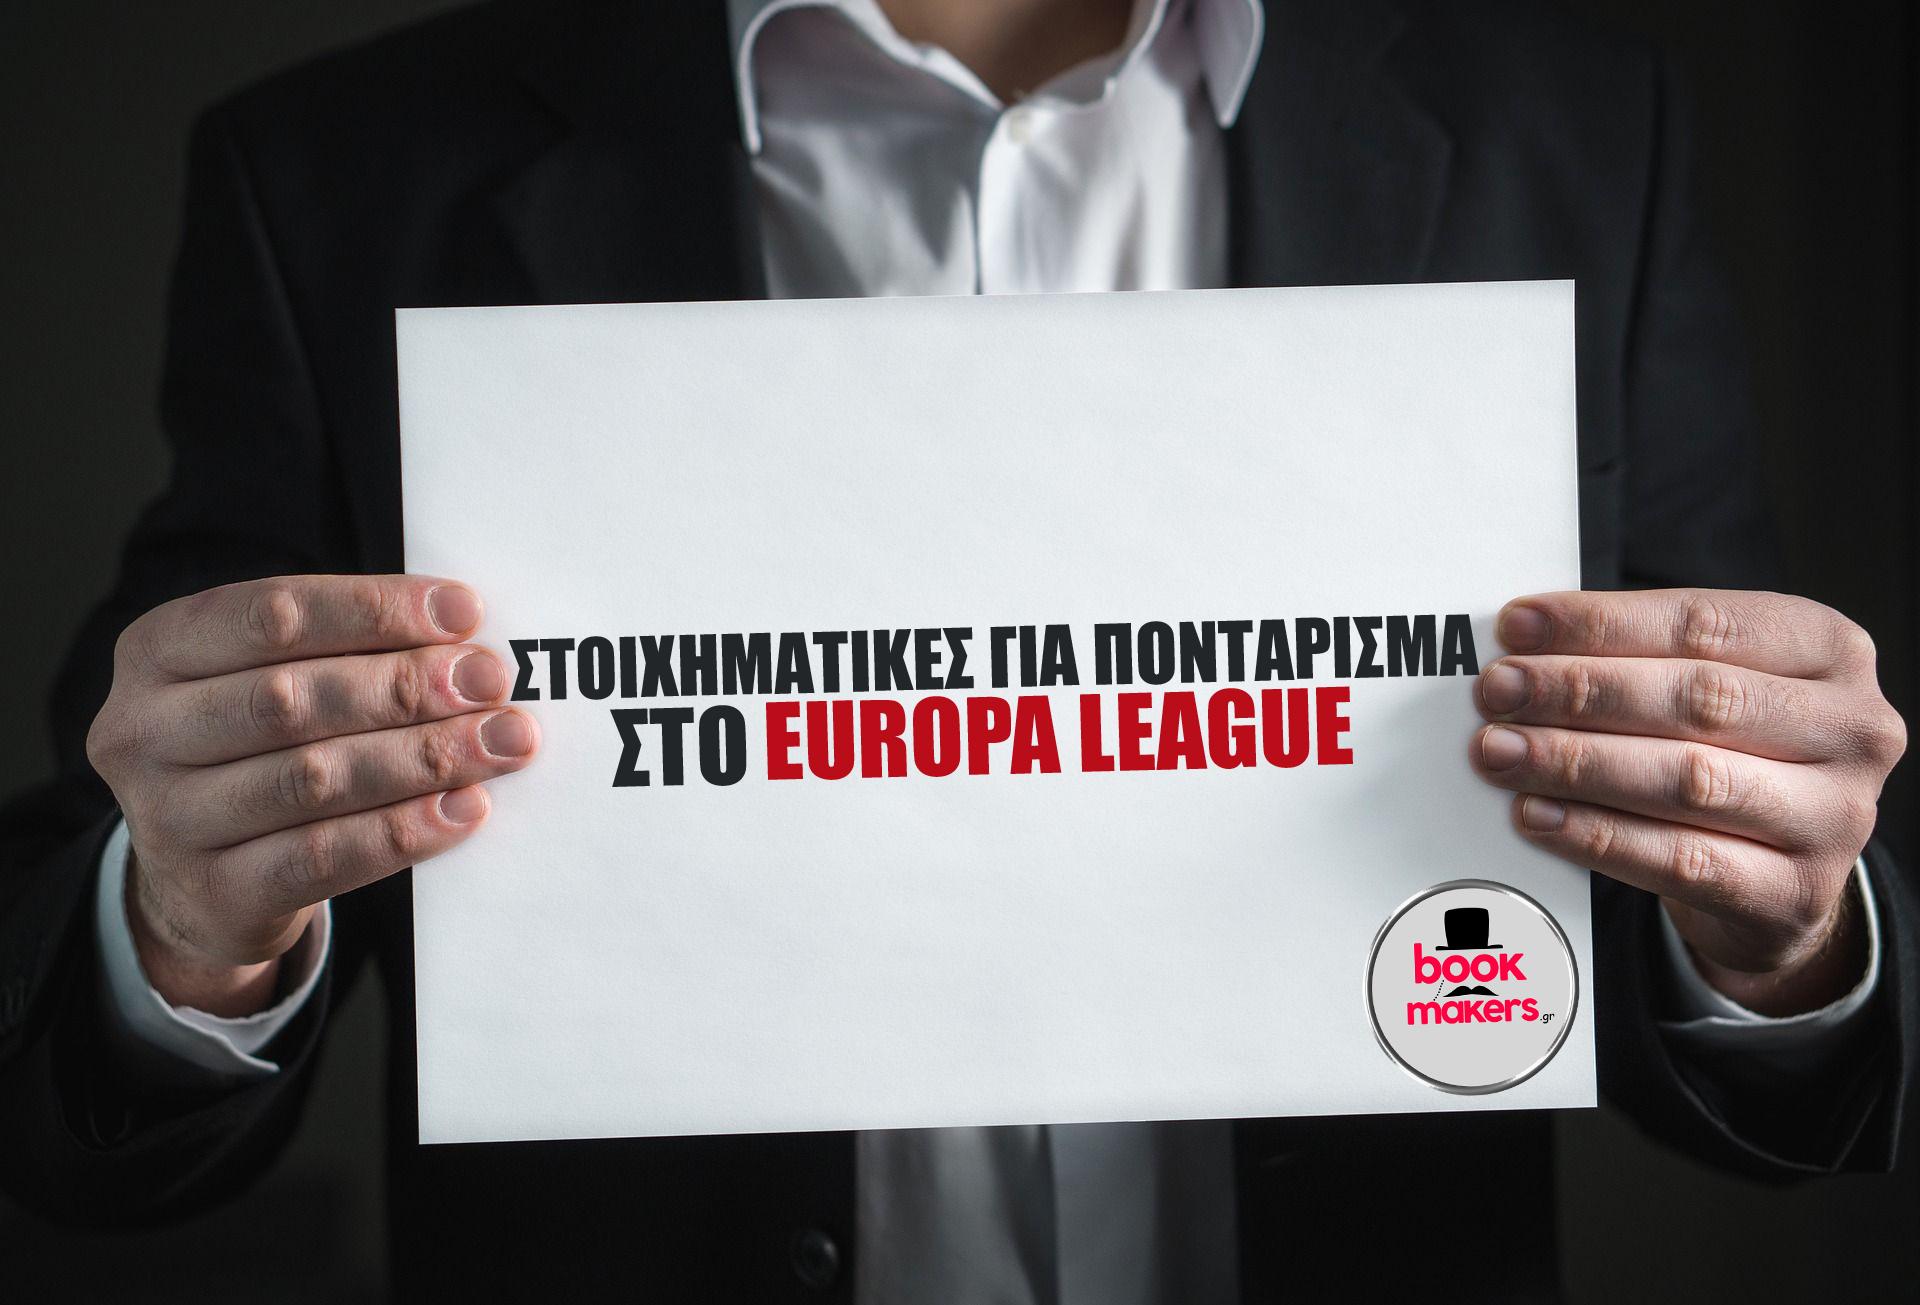 στοιχημα europa league